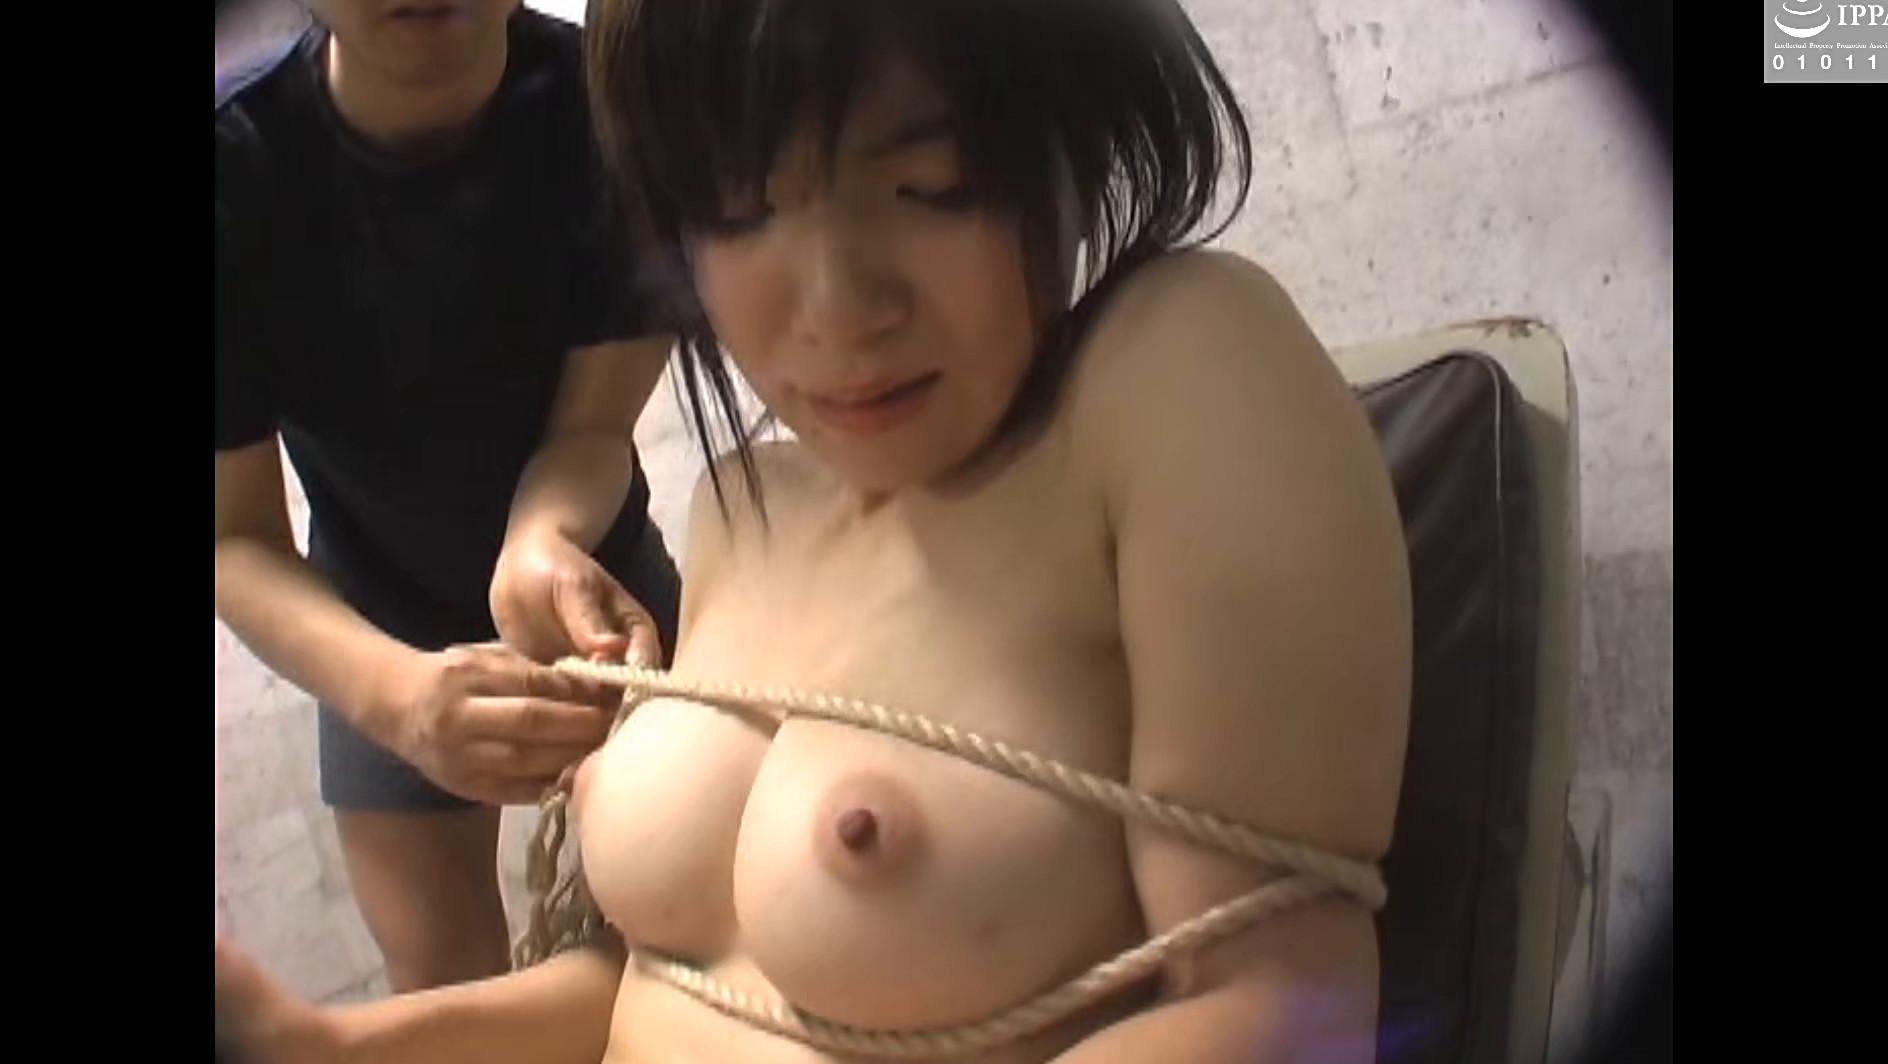 ドM美女を恐怖に陥れ服従させる性玩具遊び9